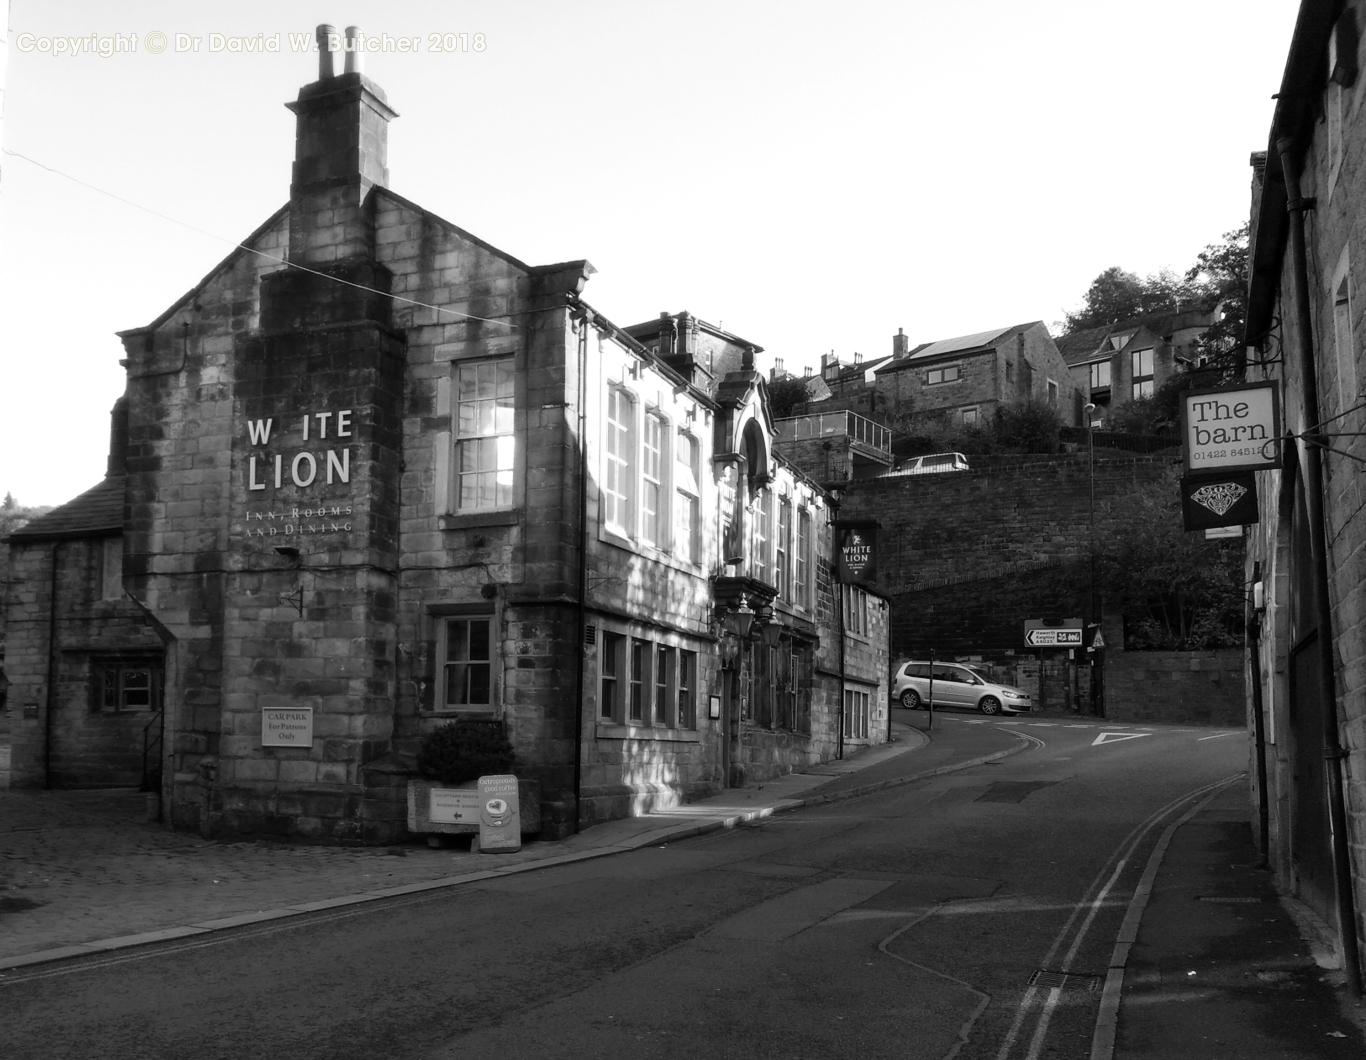 Hebden Bridge White Lion Inn